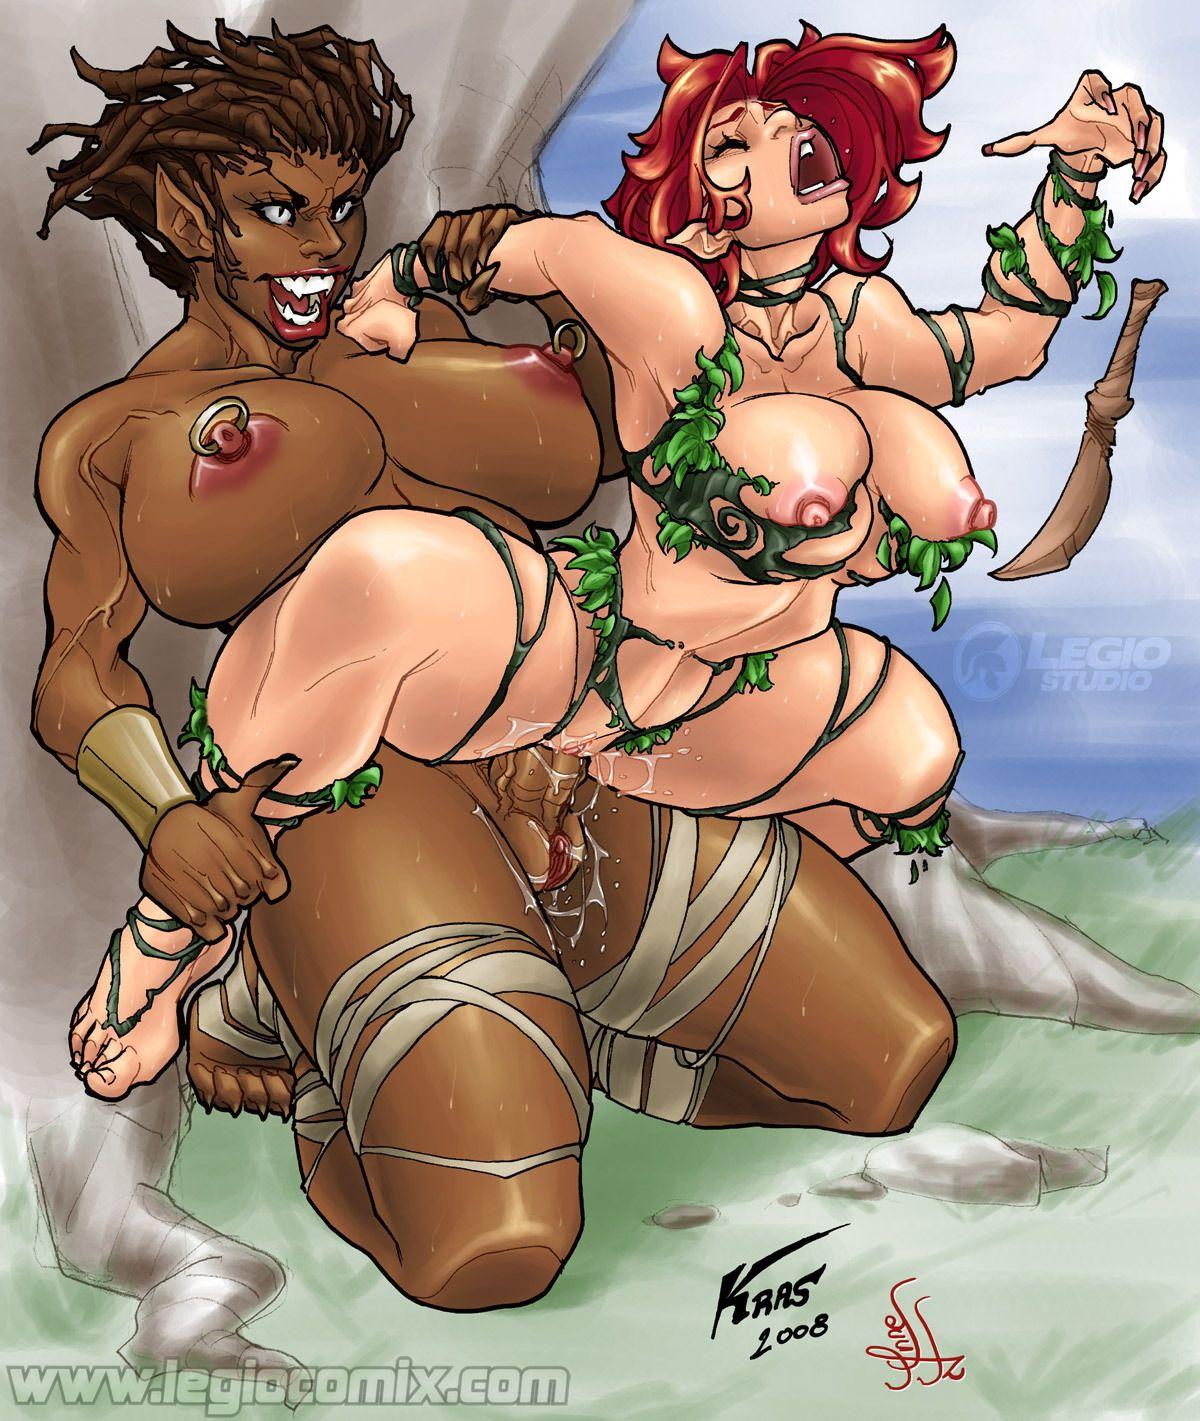 Cartoon porno silvercartoon